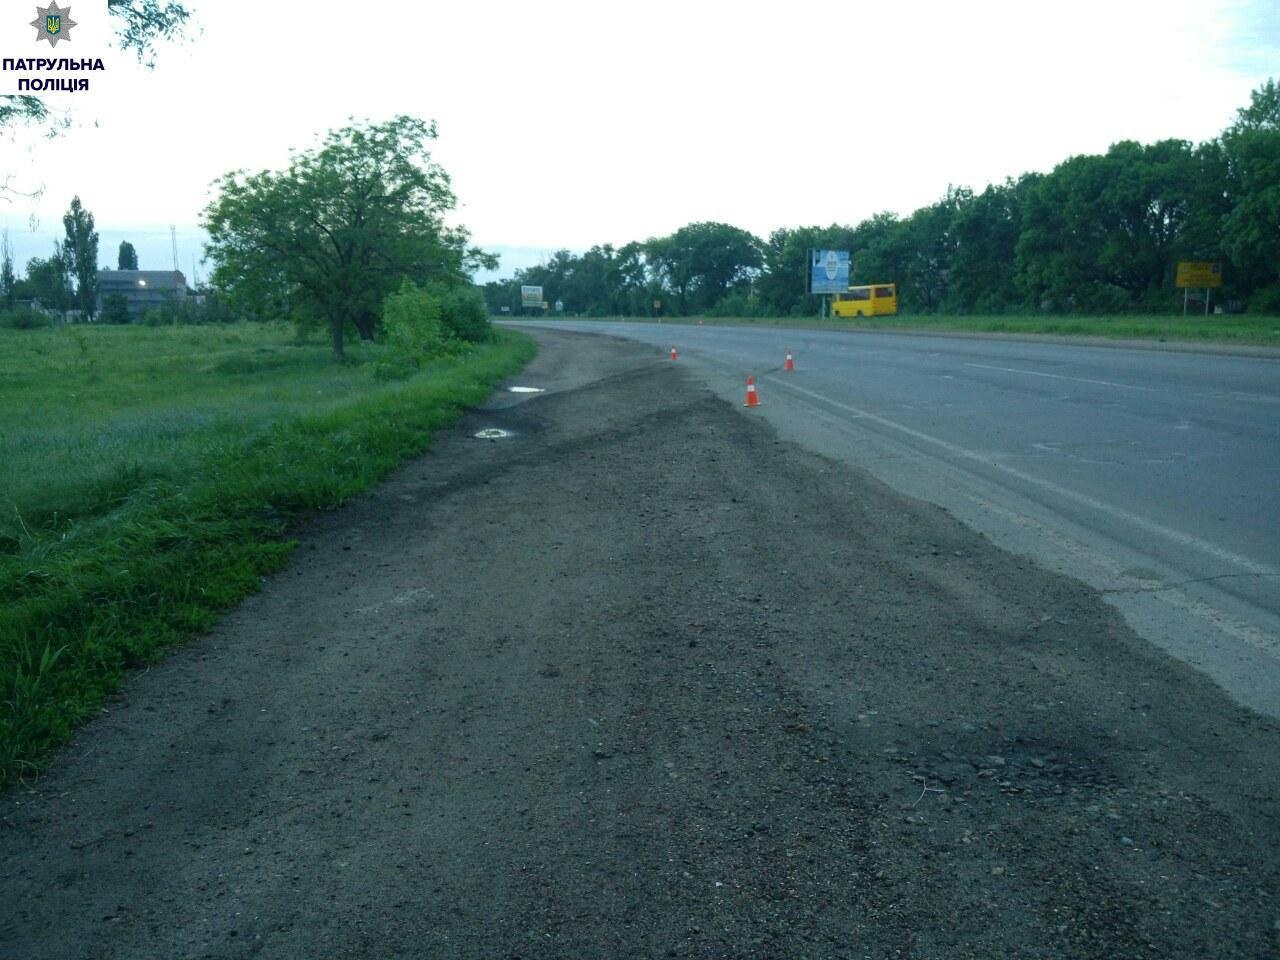 У Миколаєві Toyota зачепила узбіччя і влетіла в дерево: загинуло двоє